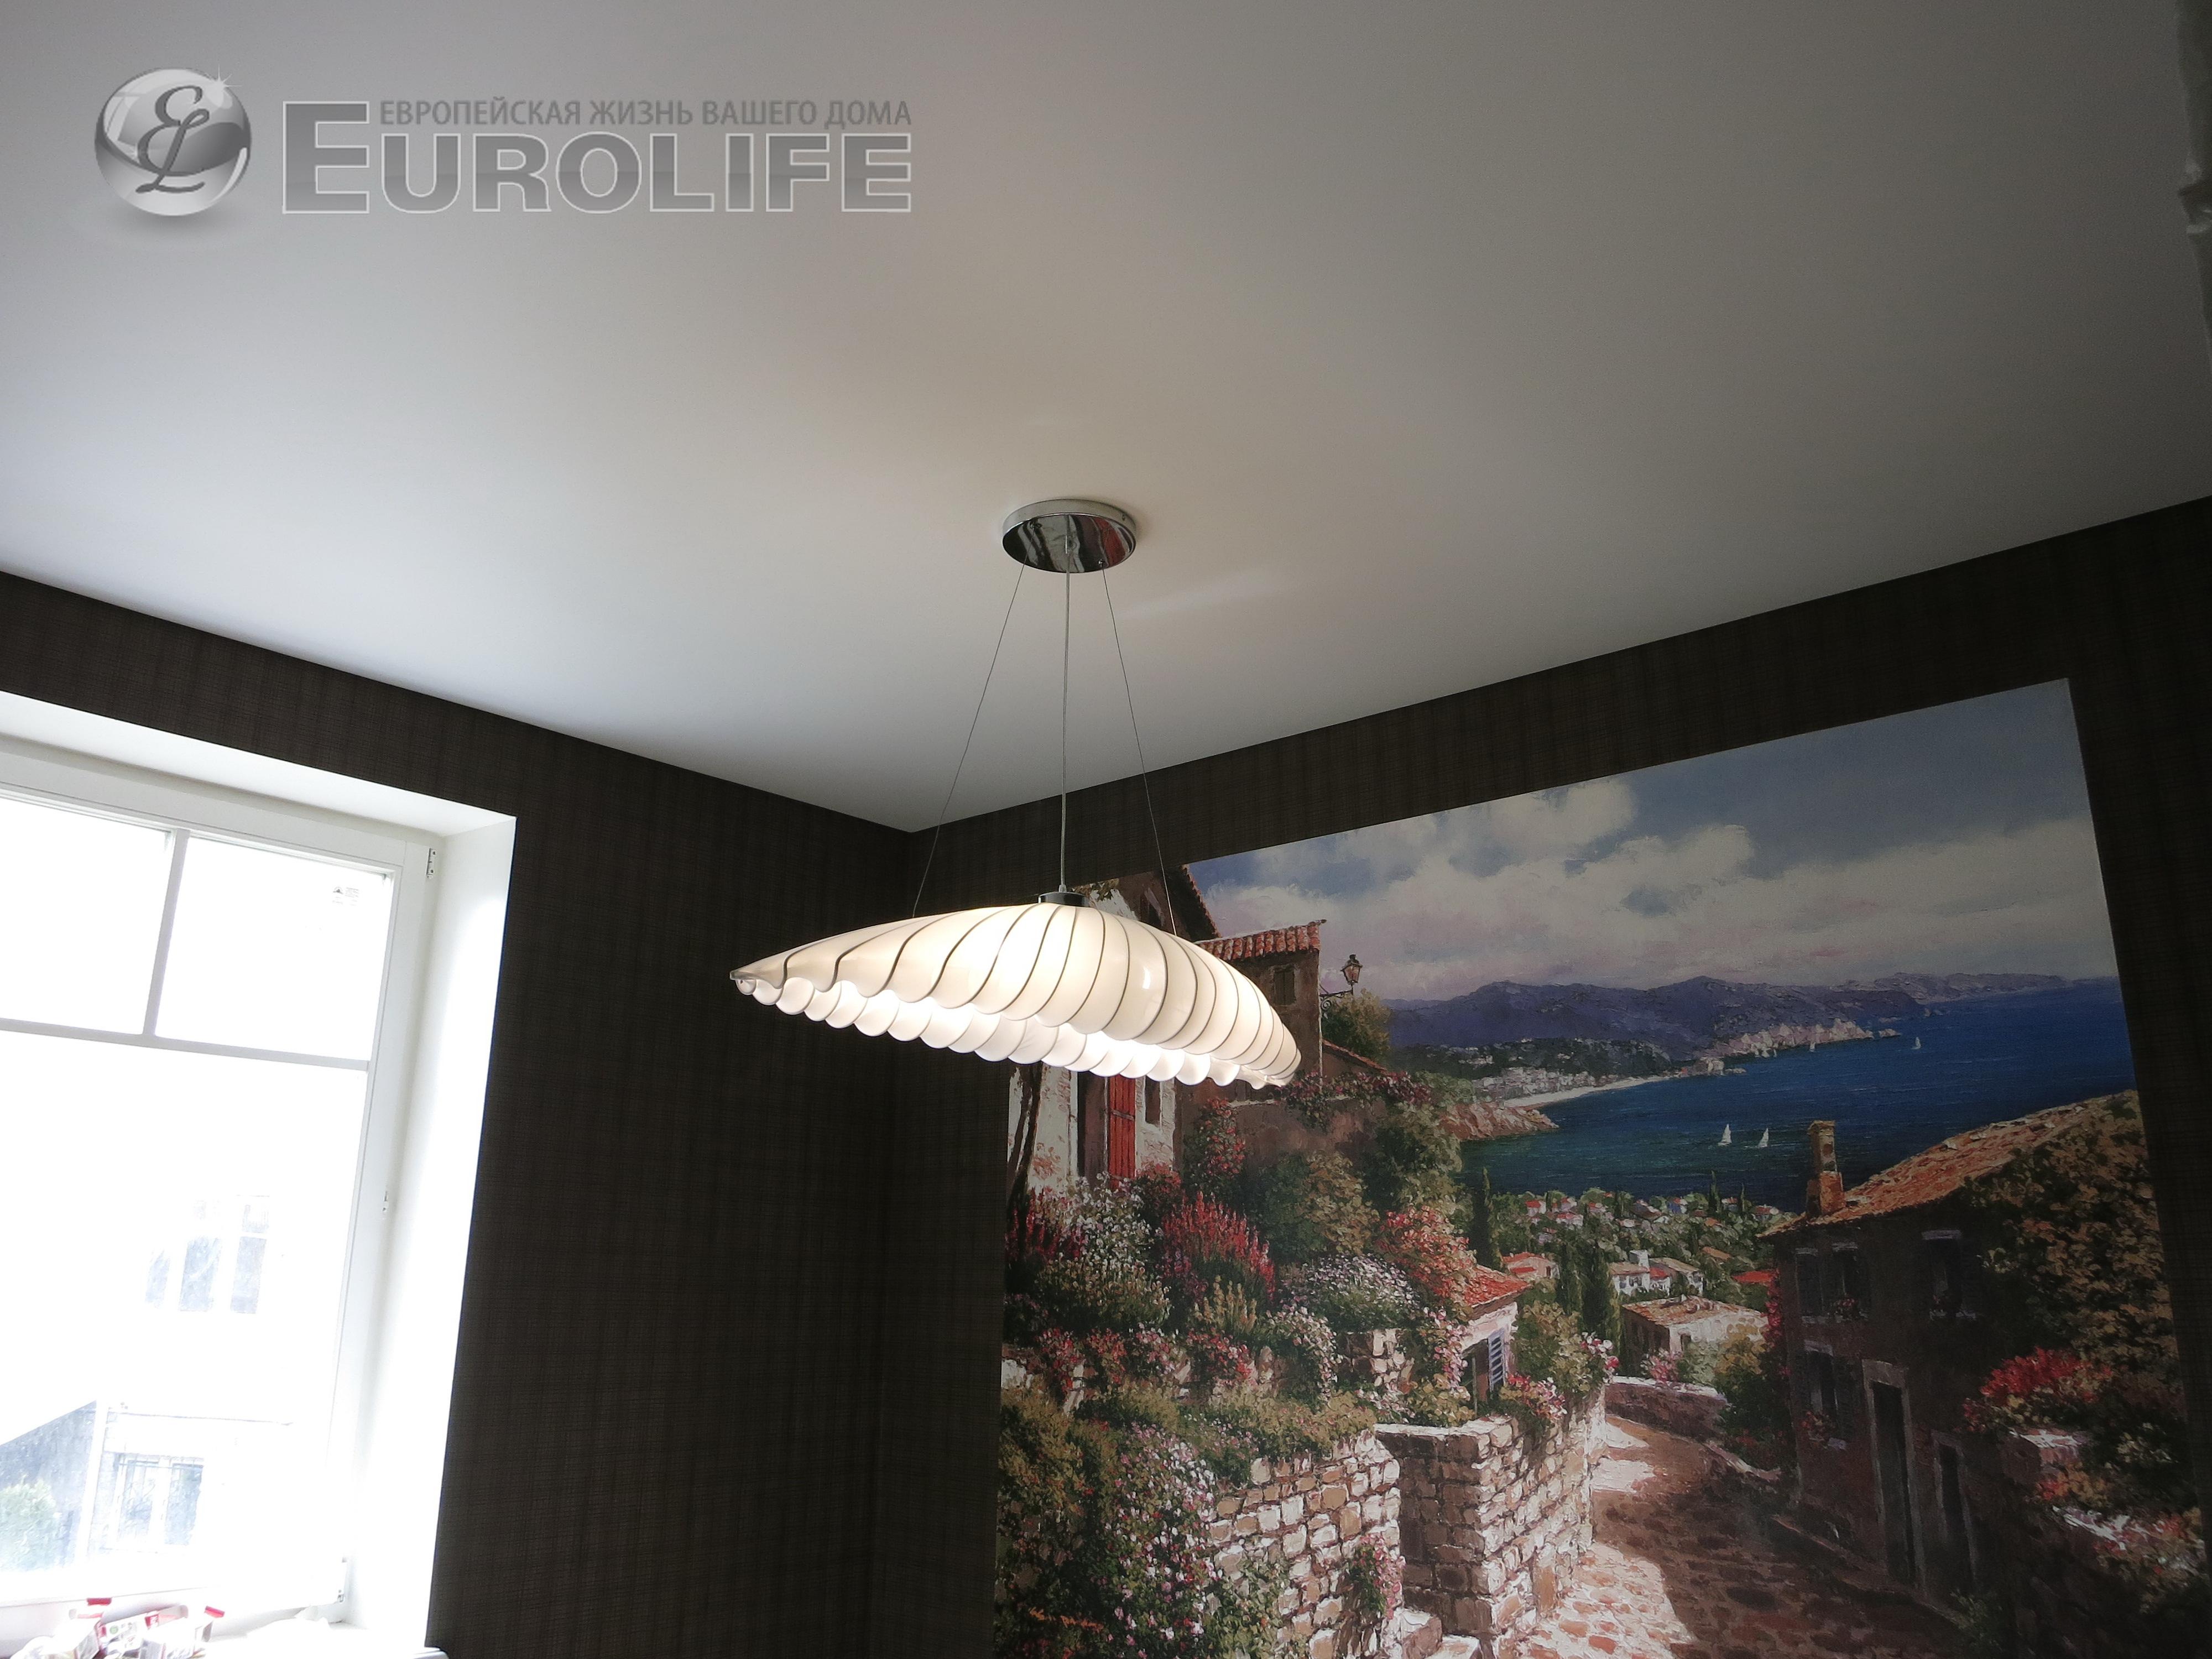 Интересные люстры для натяжного потолка